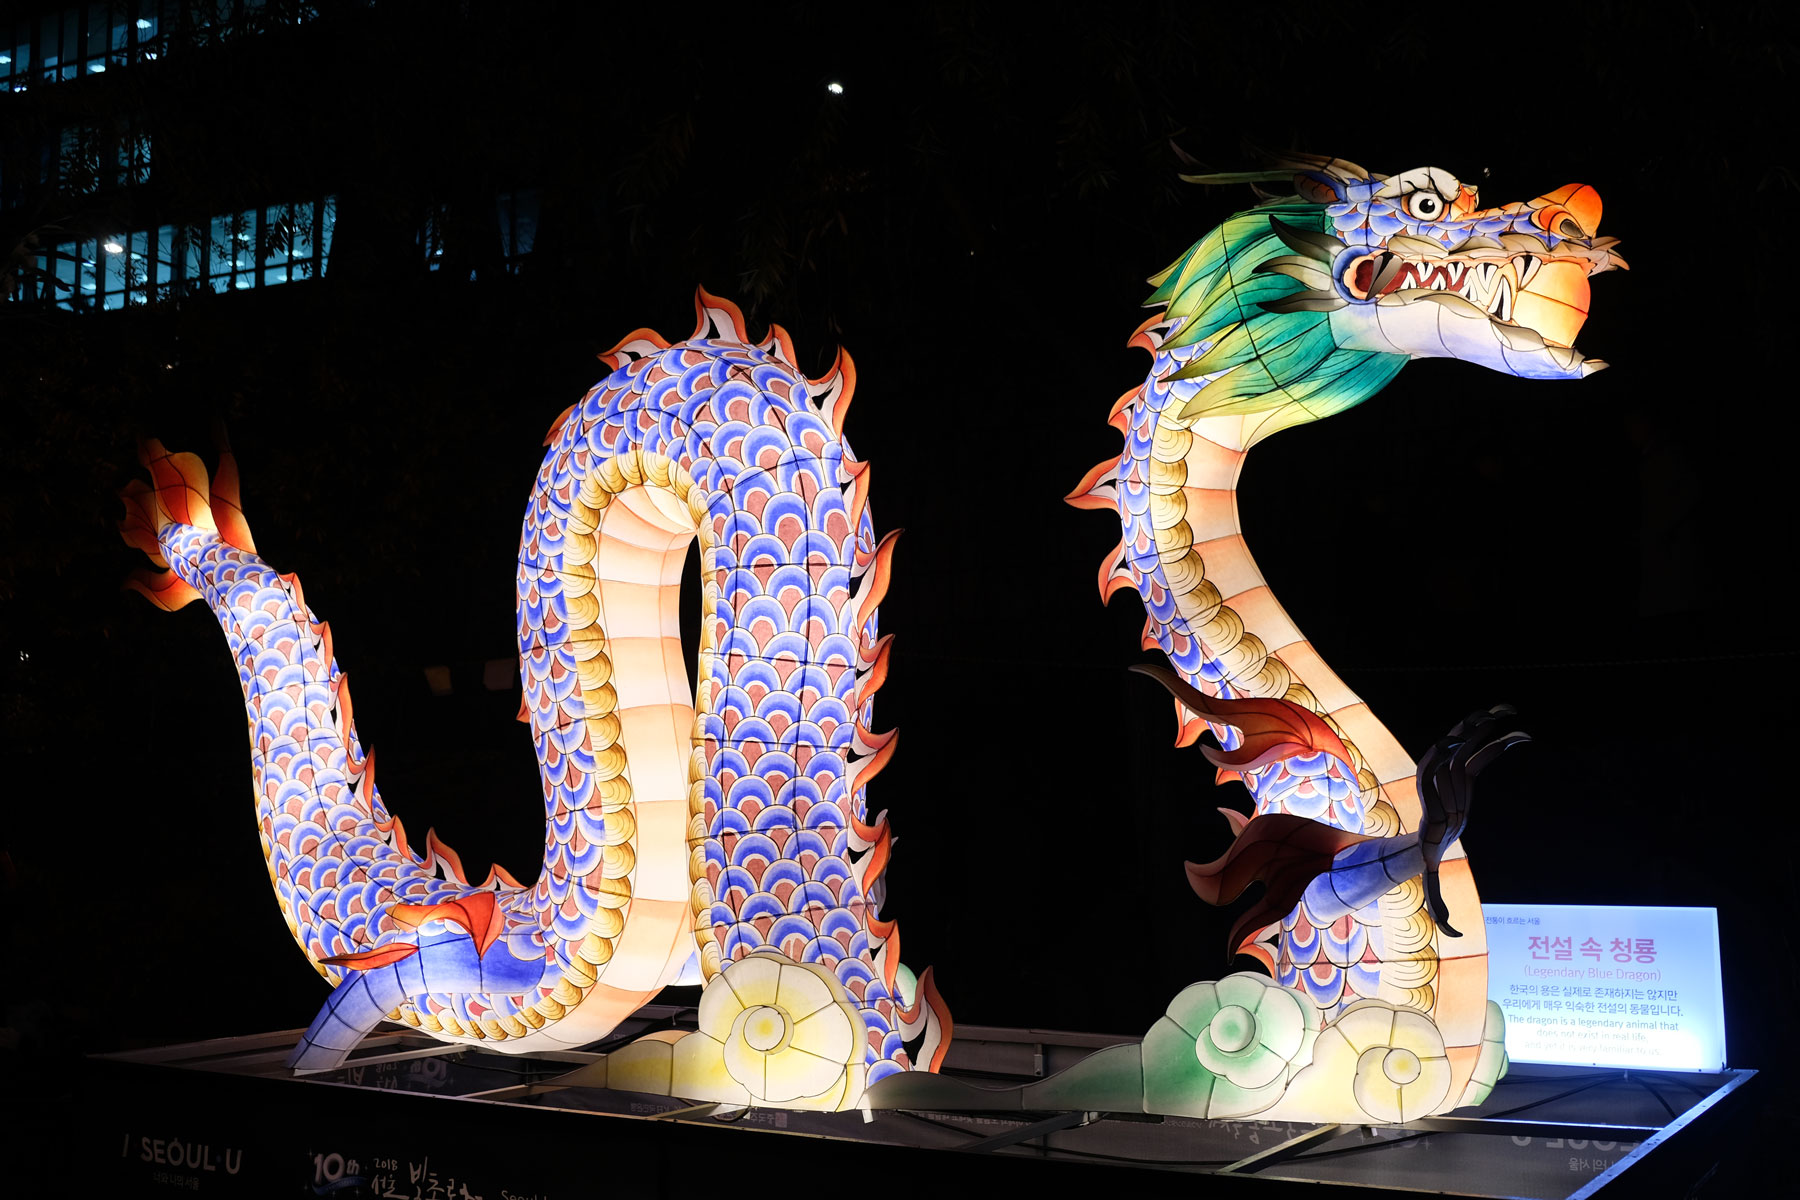 Eine Schlange leuchtet beim Laternenfestival in Seoul in der Nacht.